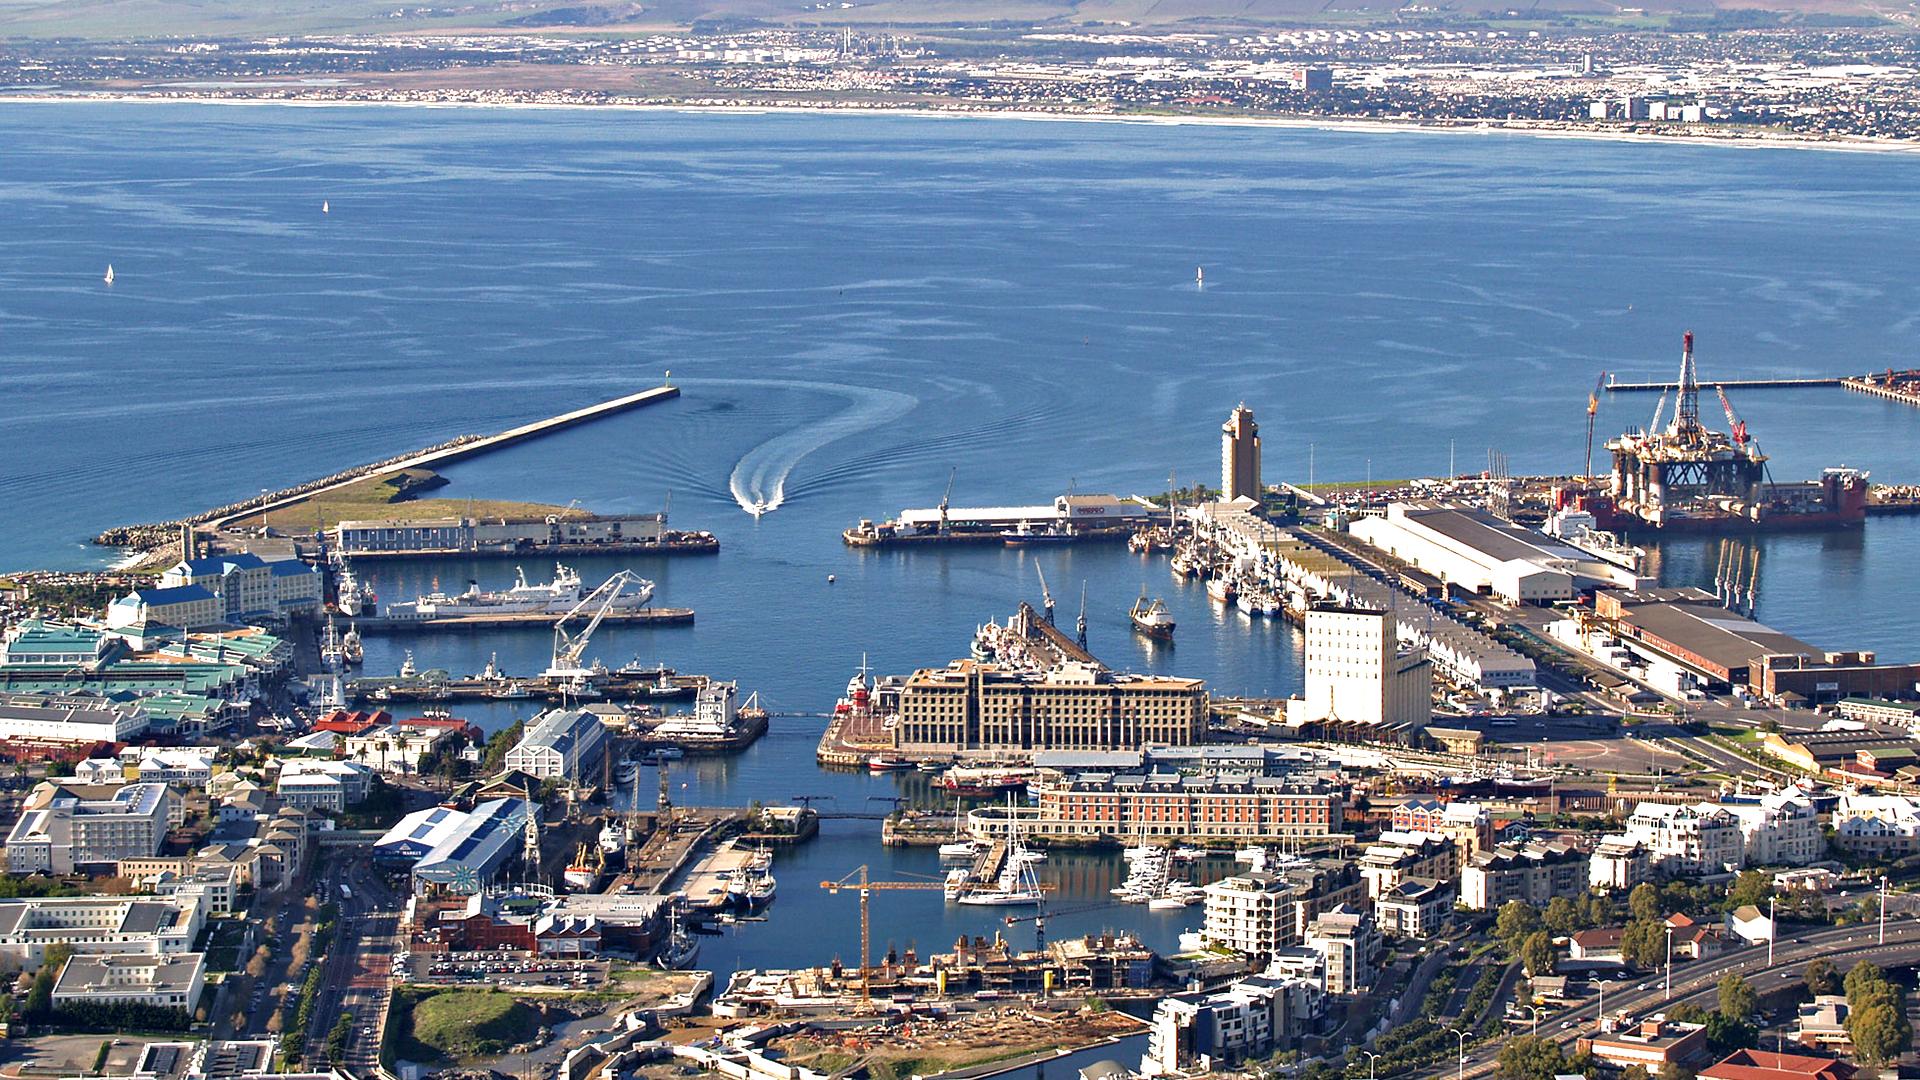 город порт у моря без смс